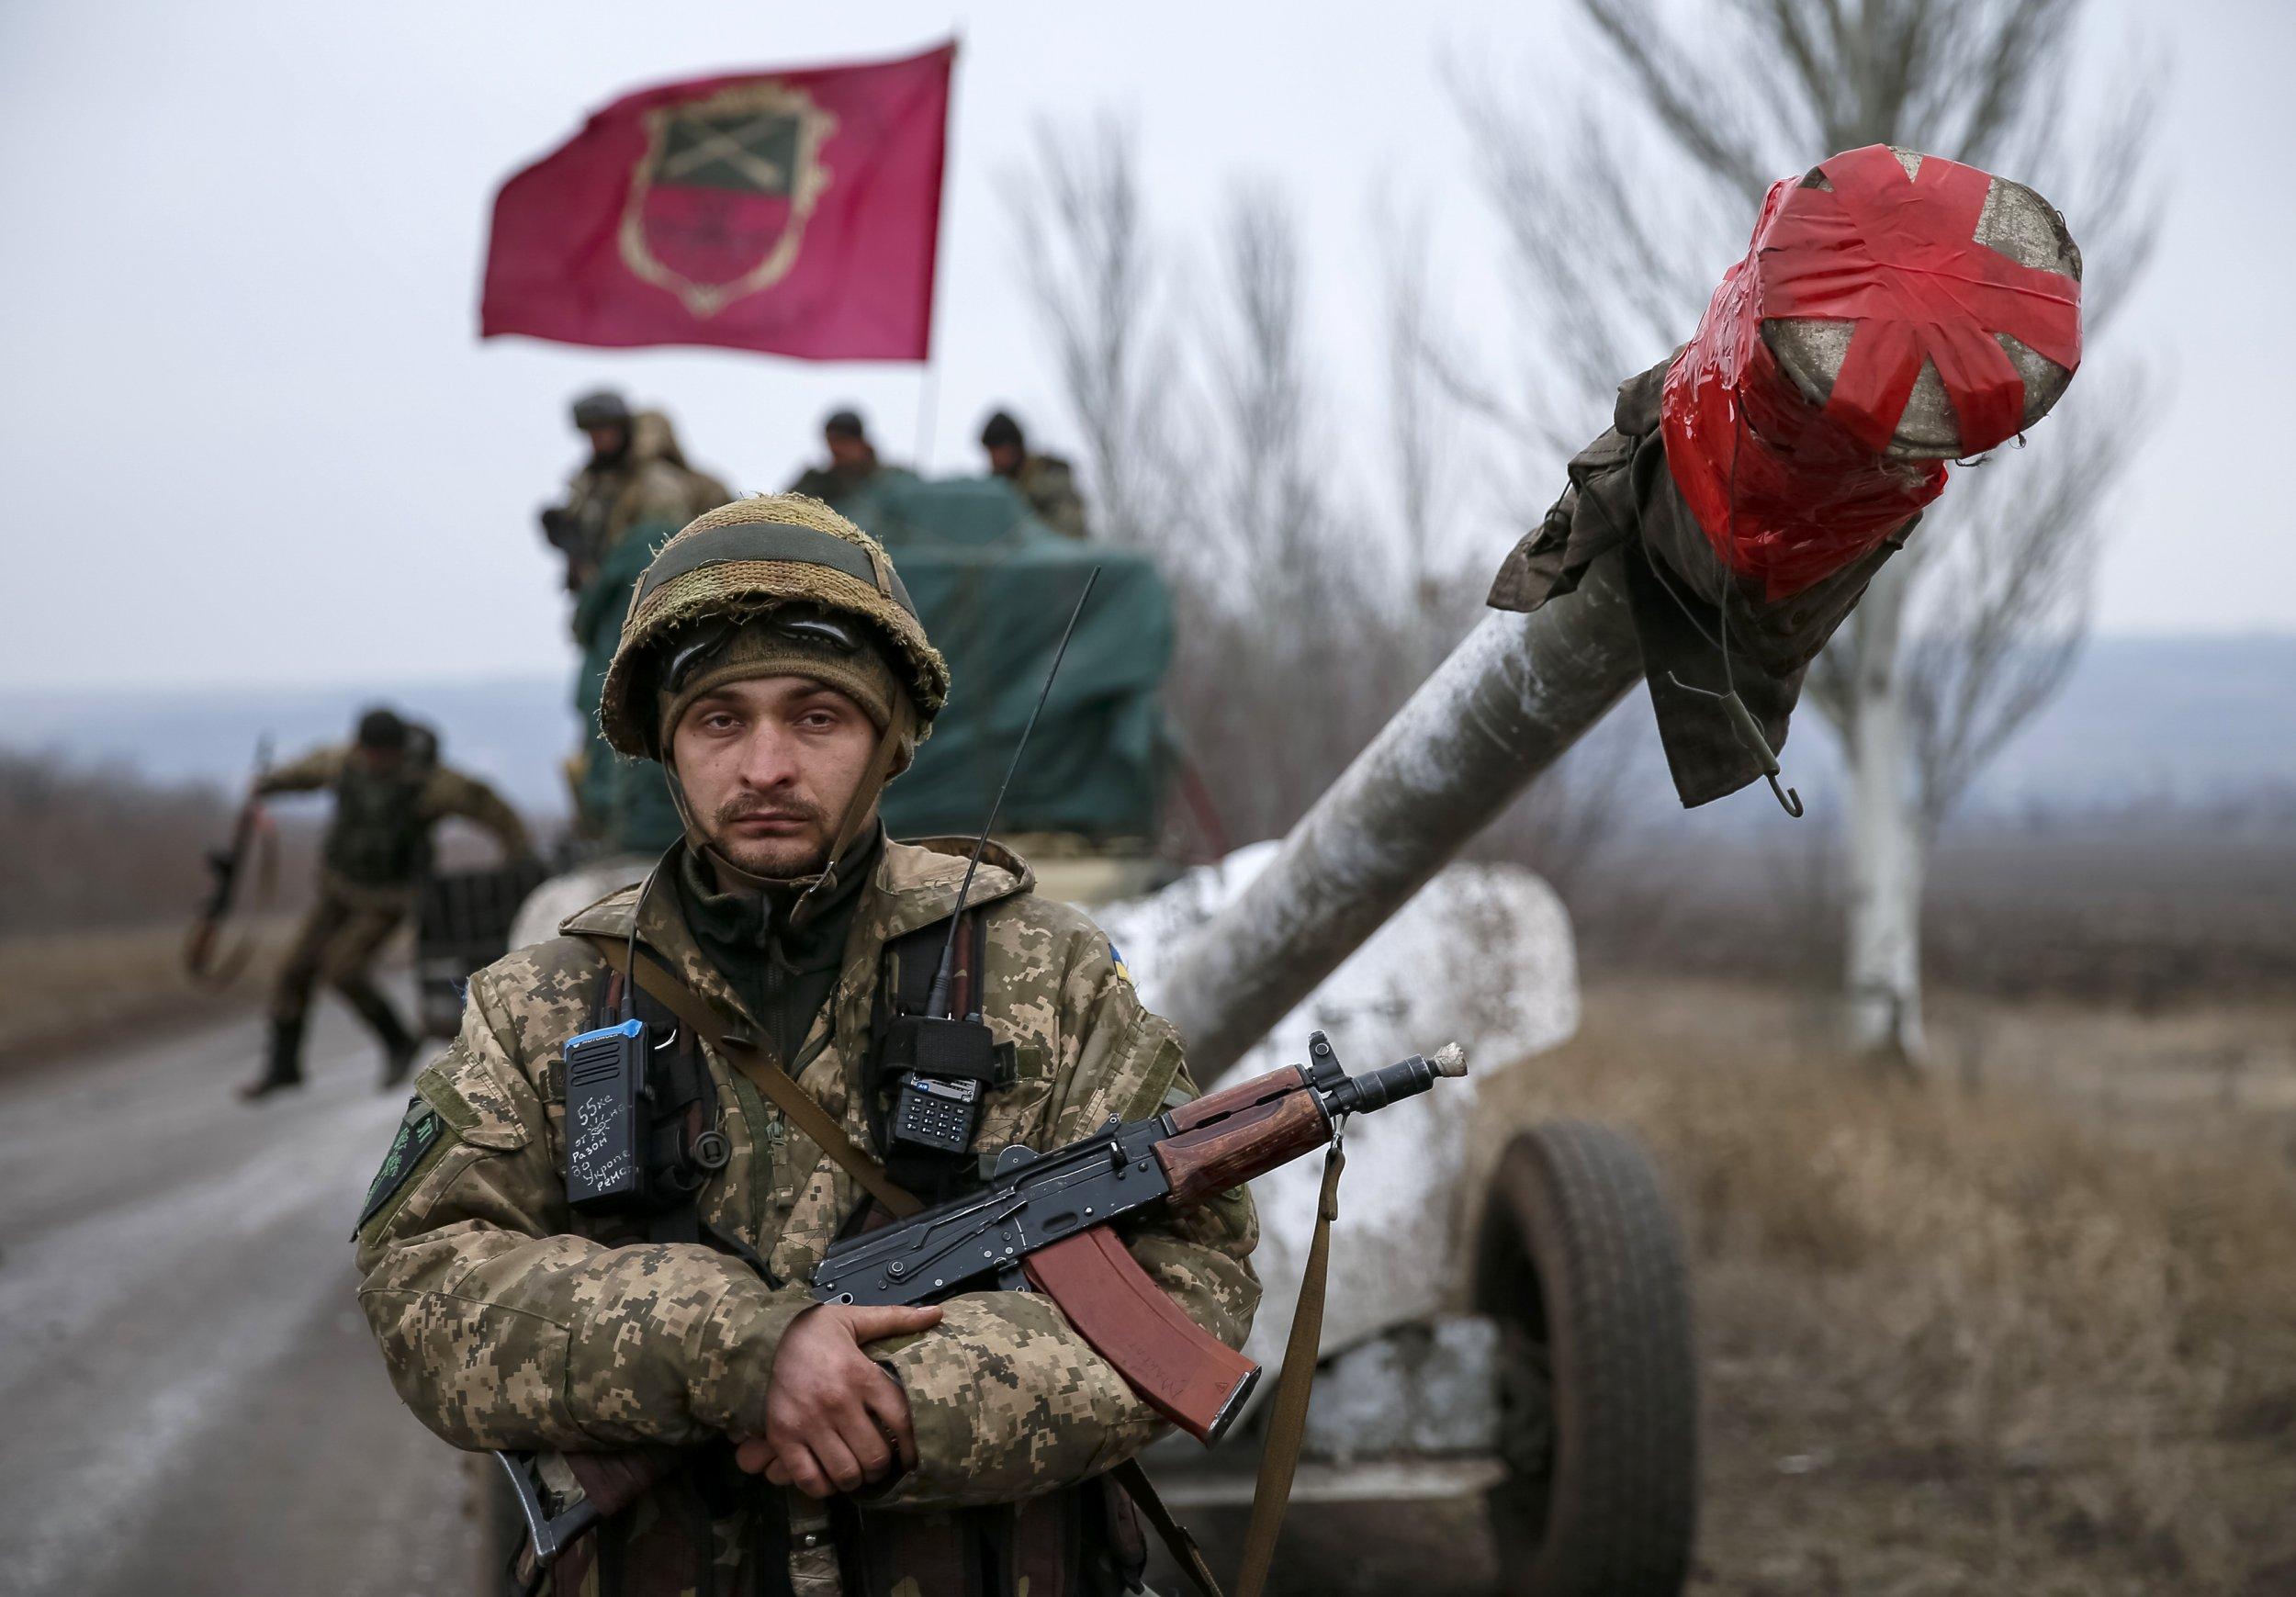 0603_ukraine_soldier